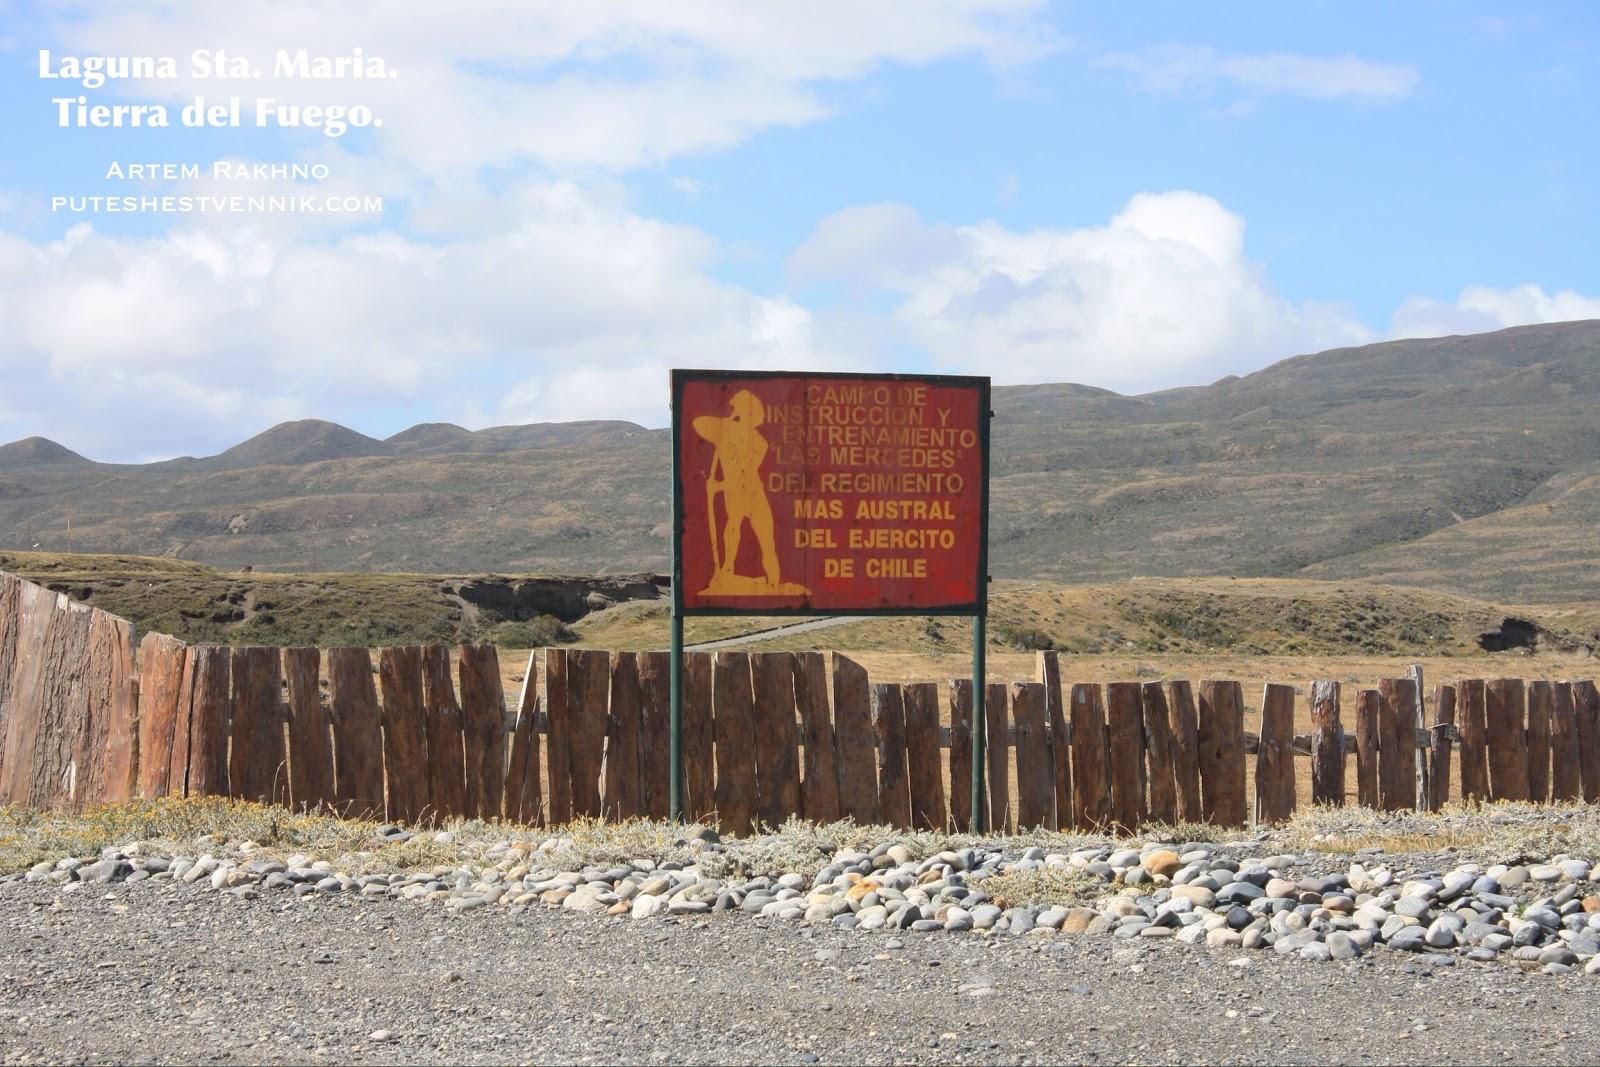 Самый южный тренировочный лагерь чилийской армии